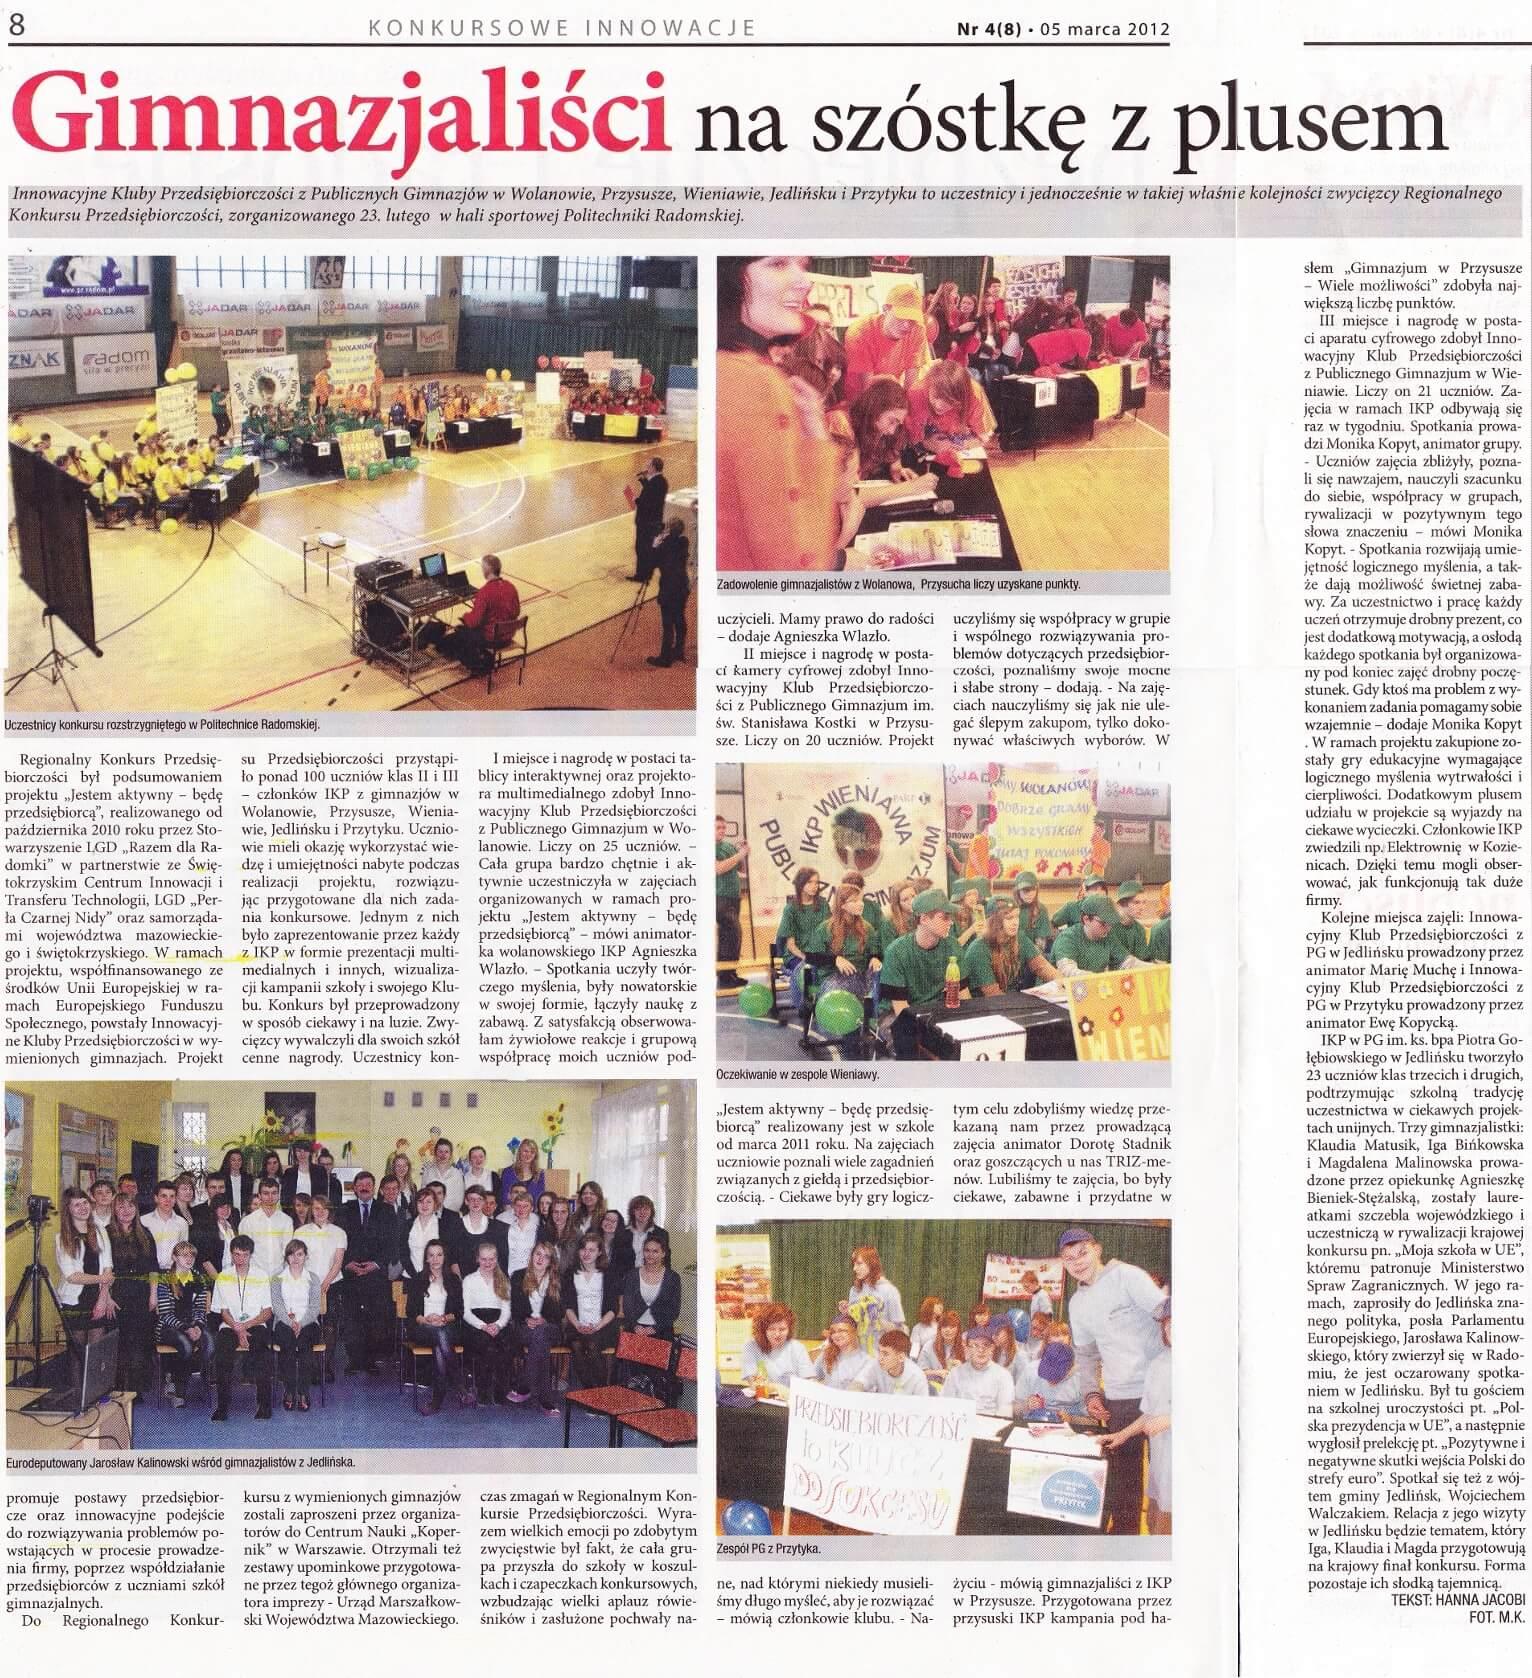 Gimnazjalisci_na_szostke_z_plusem